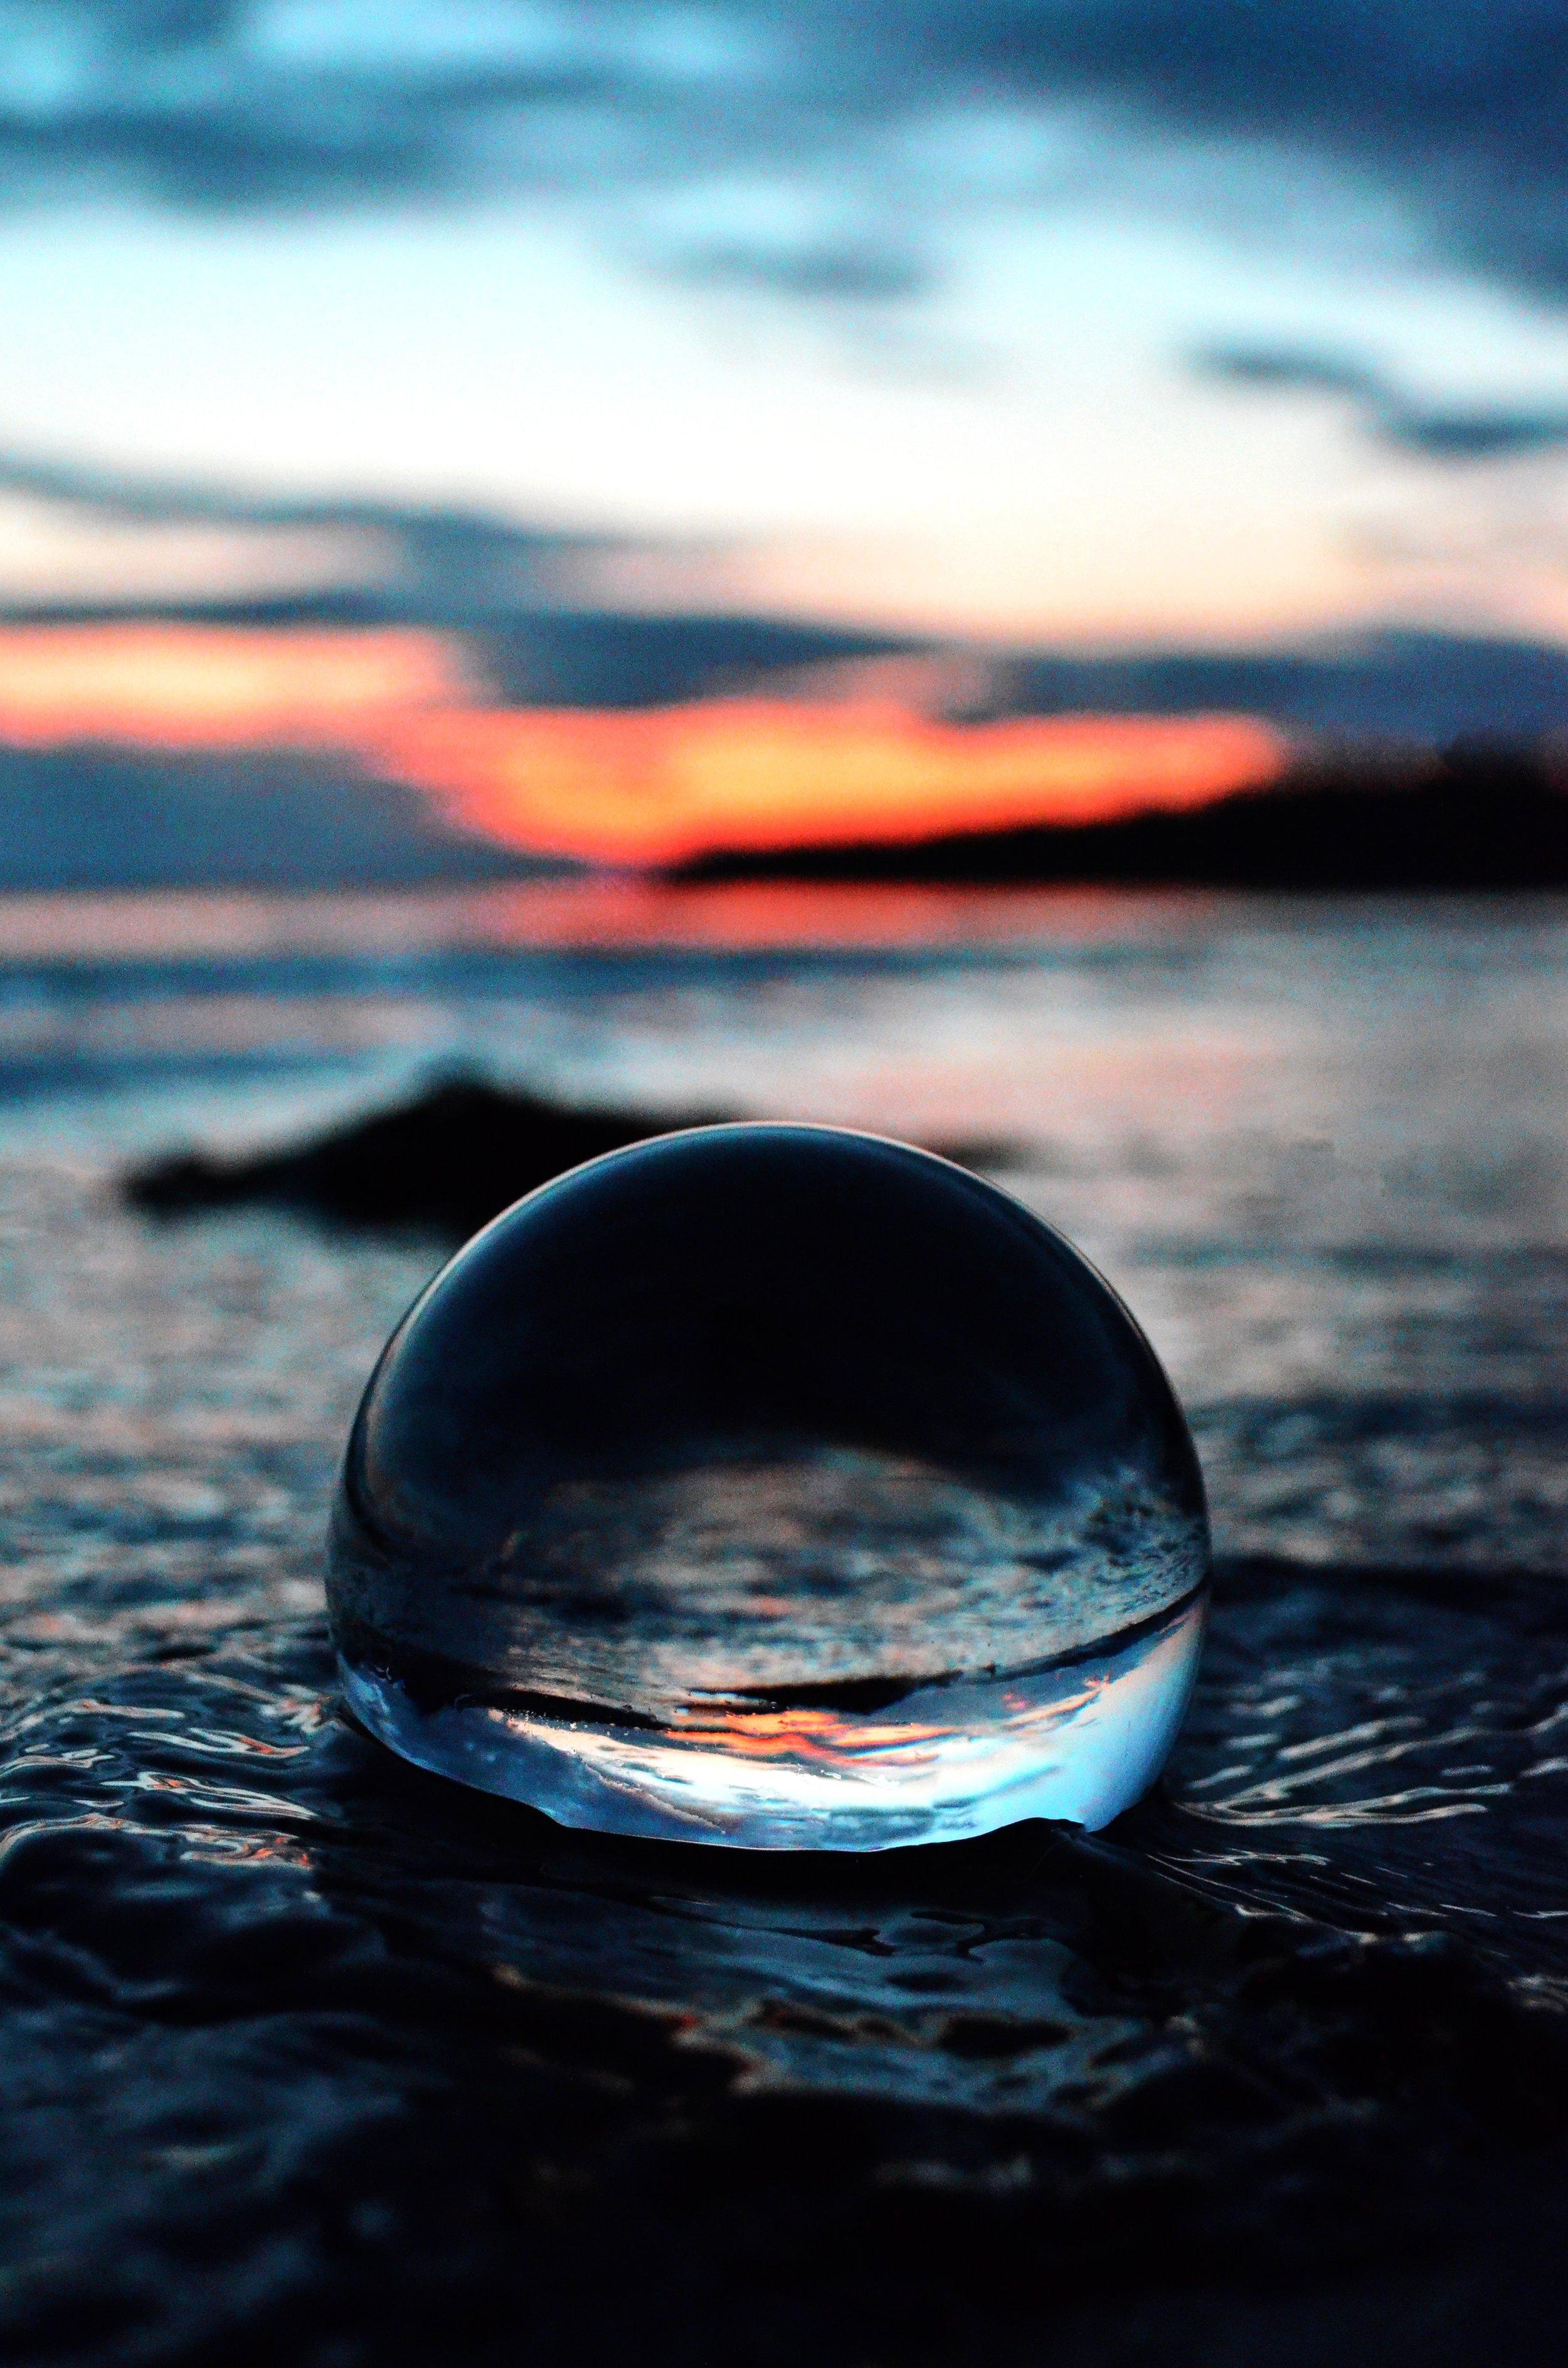 blurred-background-close-up-clouds-1476574.jpg